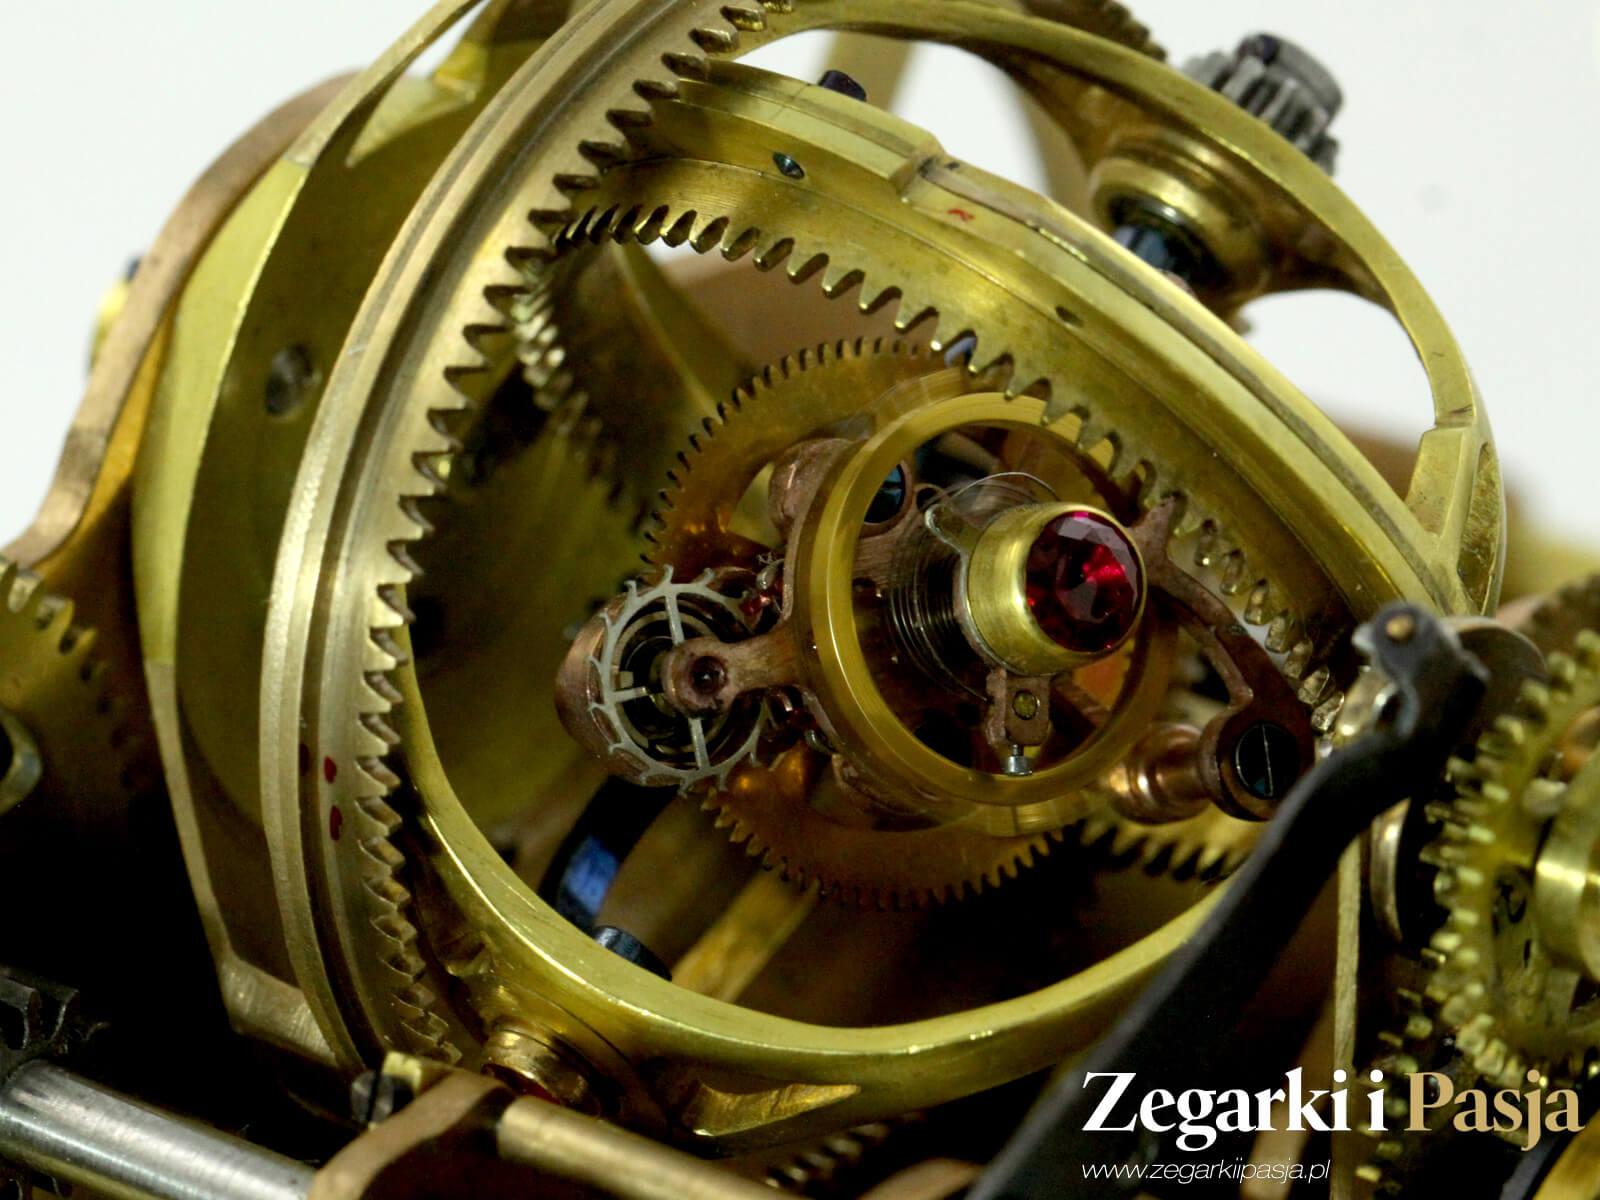 zegar gabinetory Karola Romana. Zegar z gyrotourbillonem